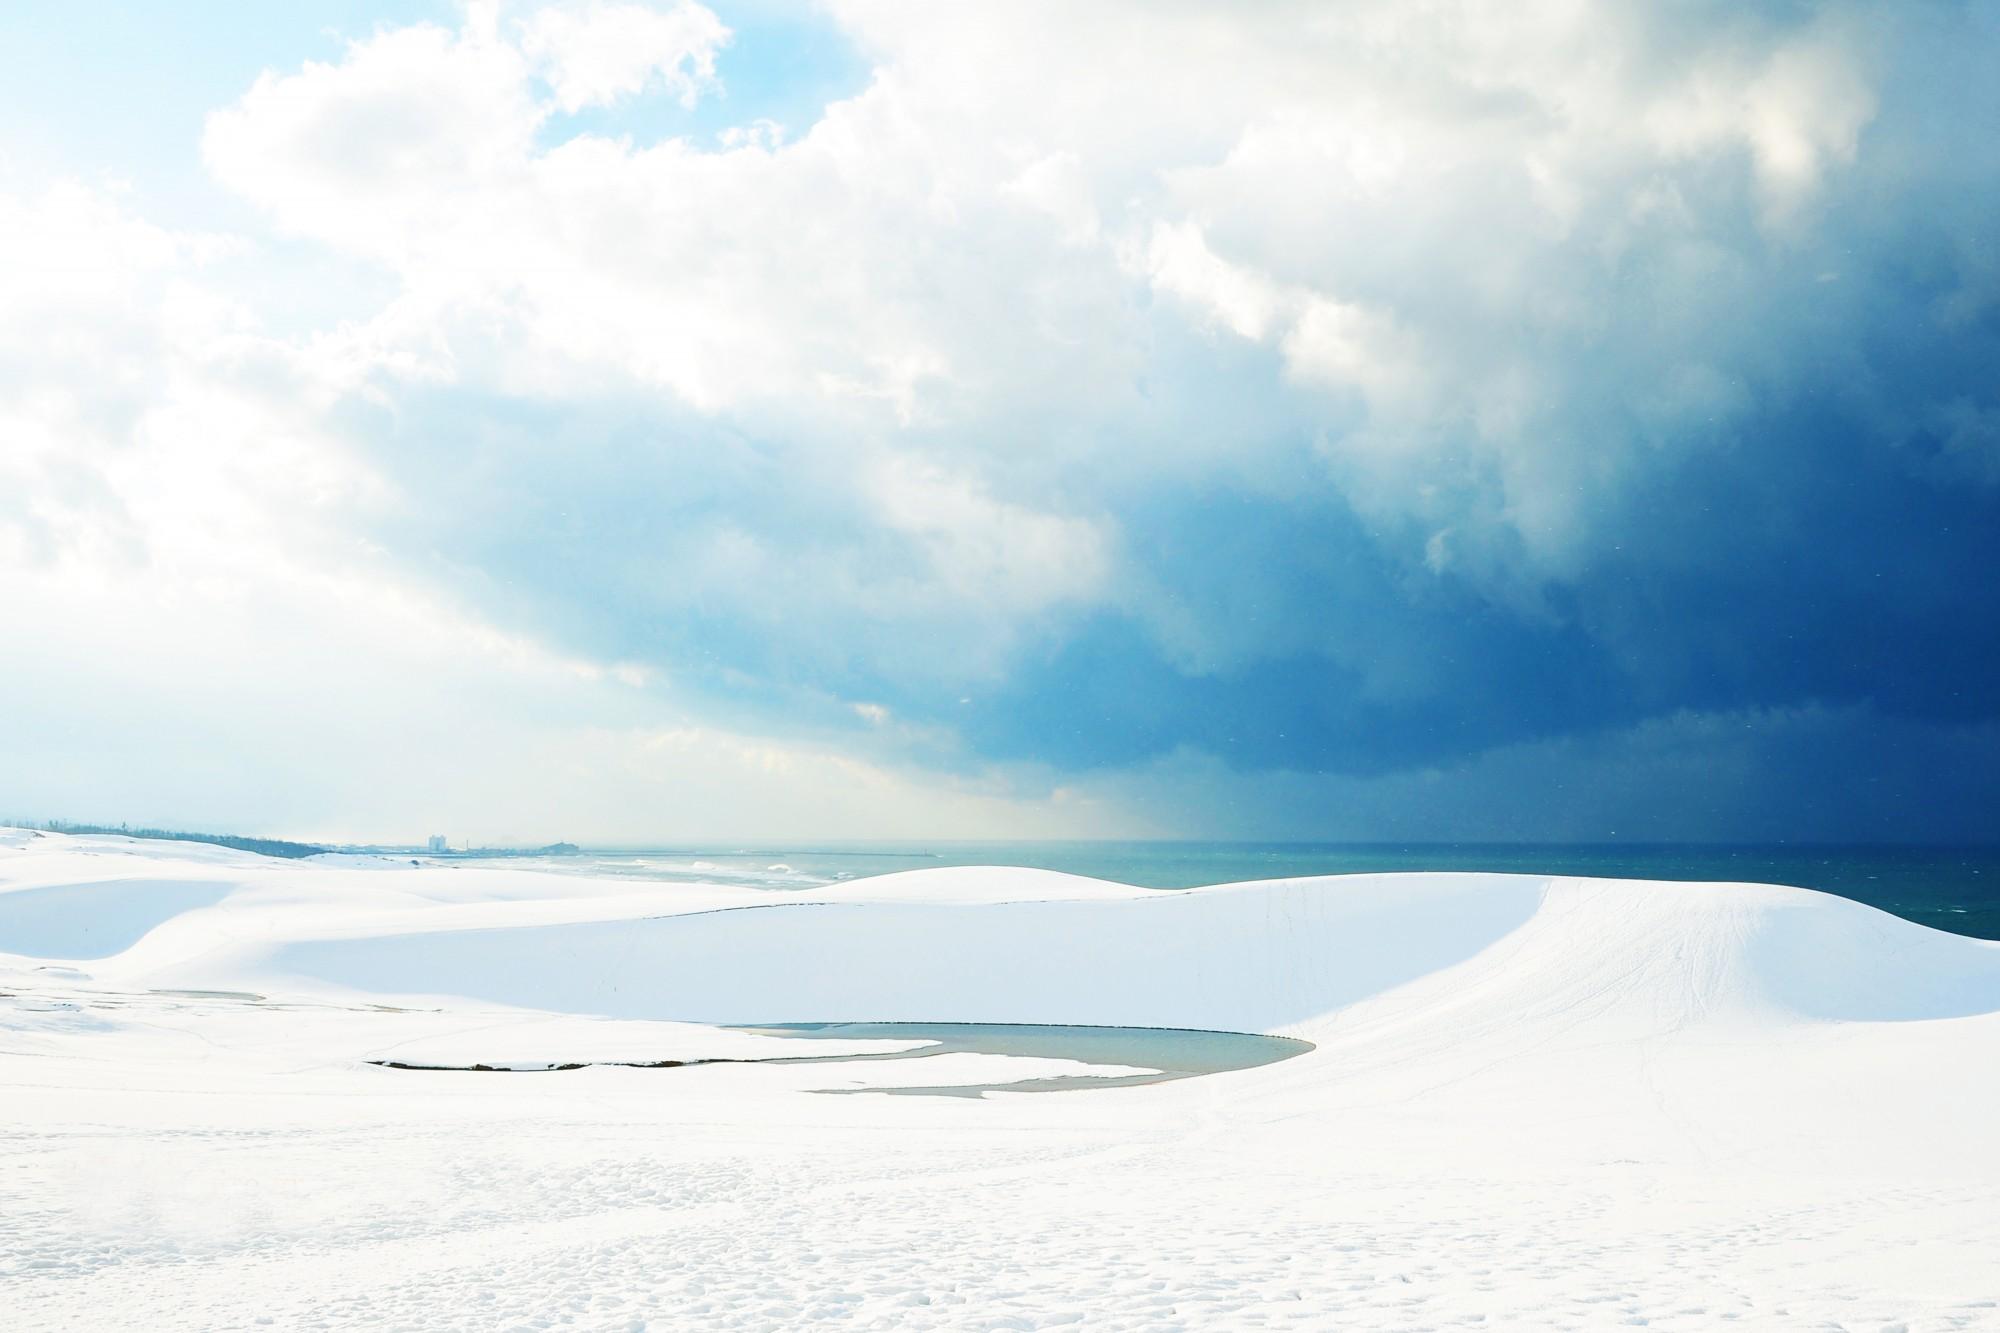 雪が降り積もった白い鳥取砂丘の画像です